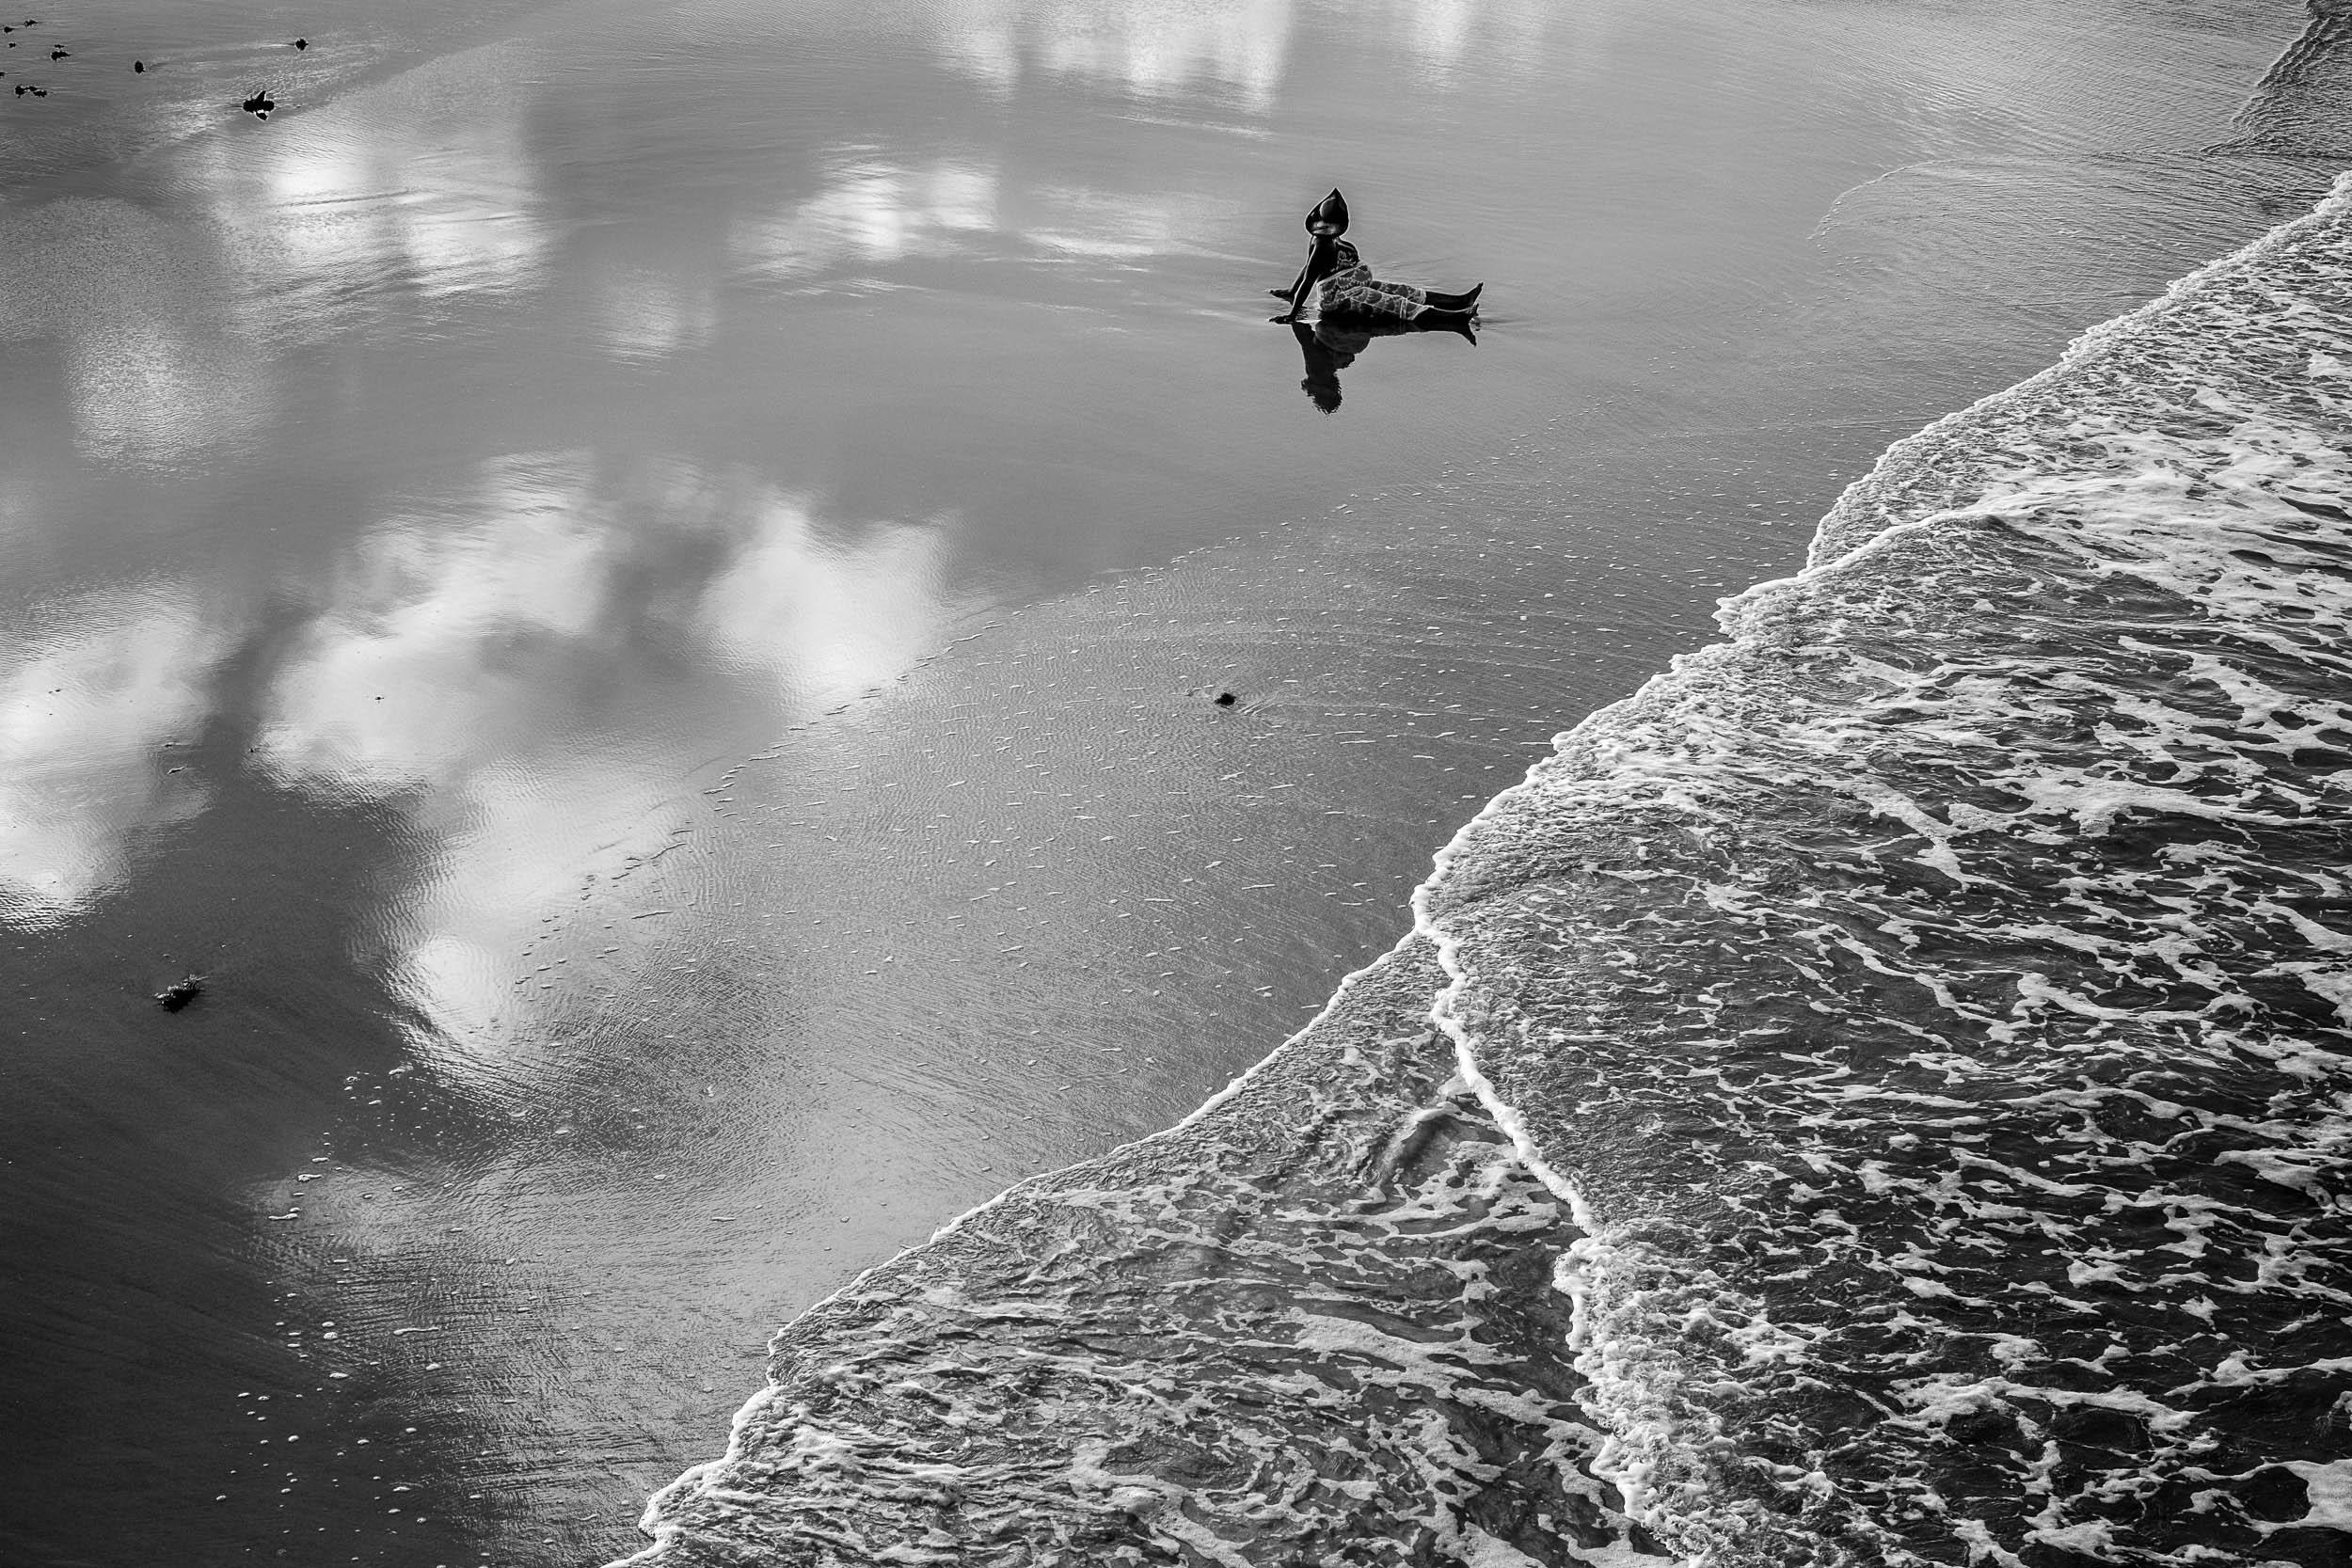 © CRAIG LITTEN